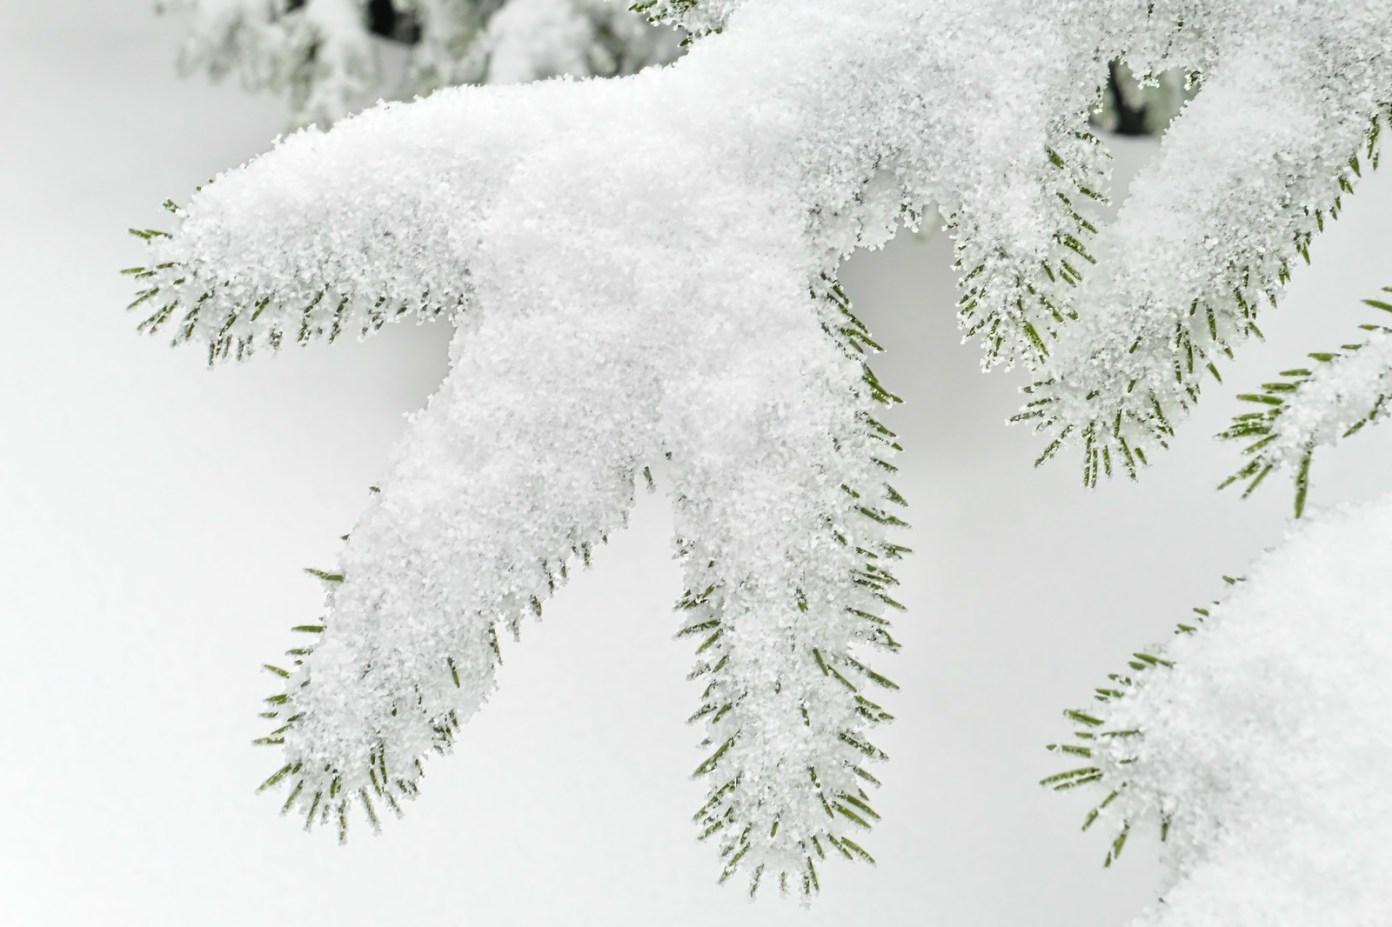 Bílá znamení čistoty